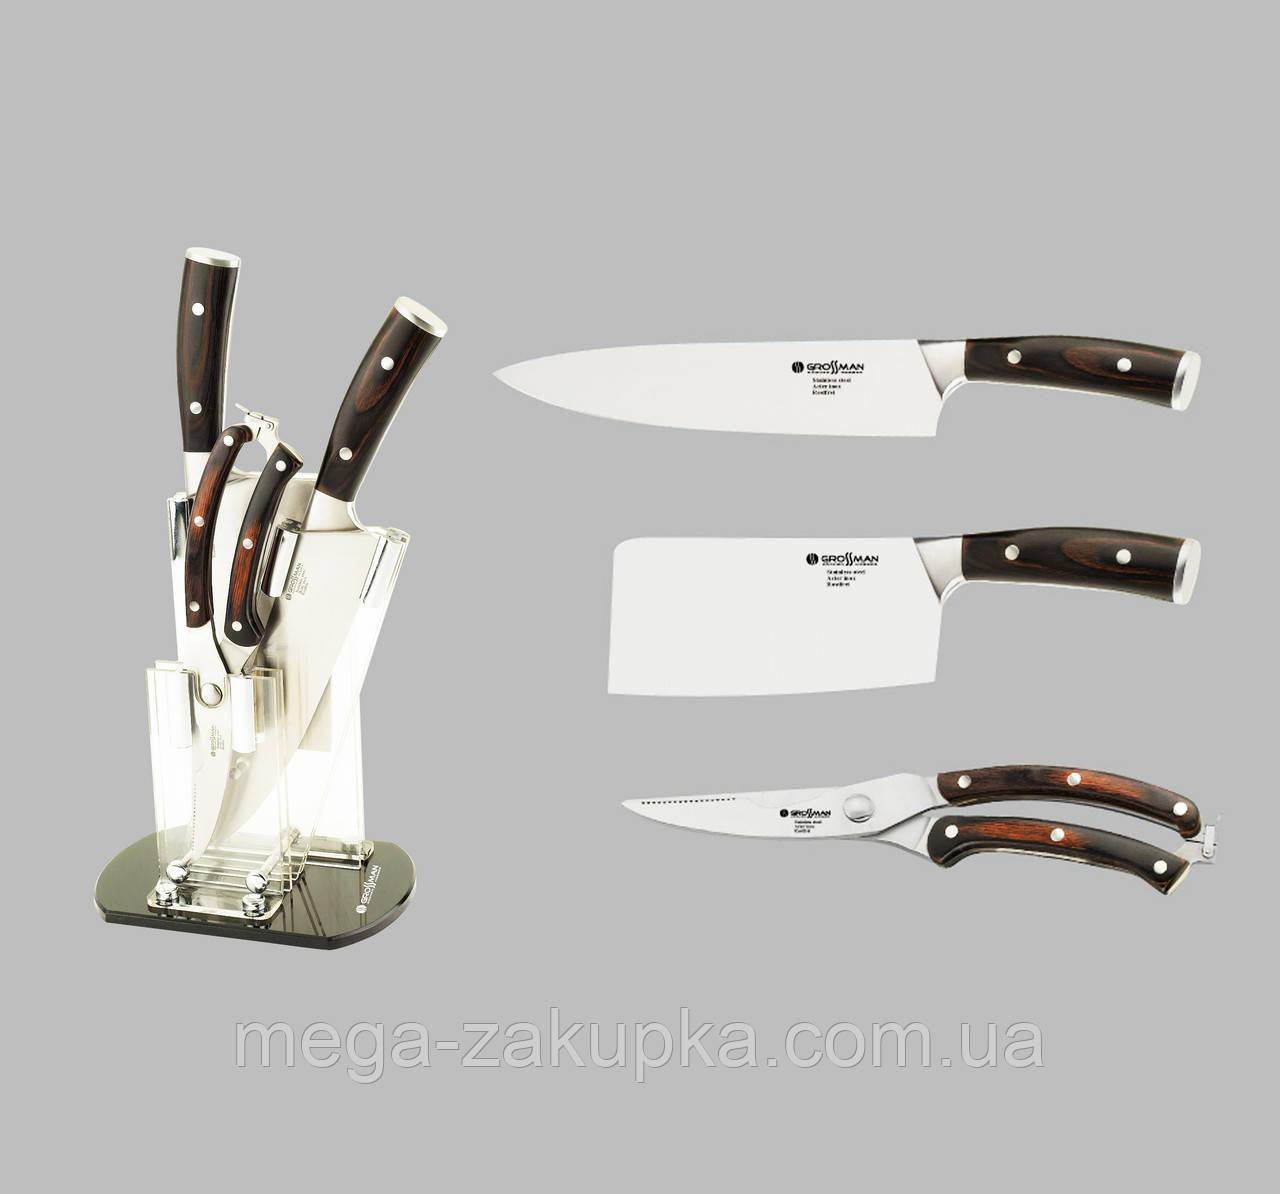 Элитный кухонный  набор из ножа, топора  и ножниц + подставка, Немецкого производства Grossman